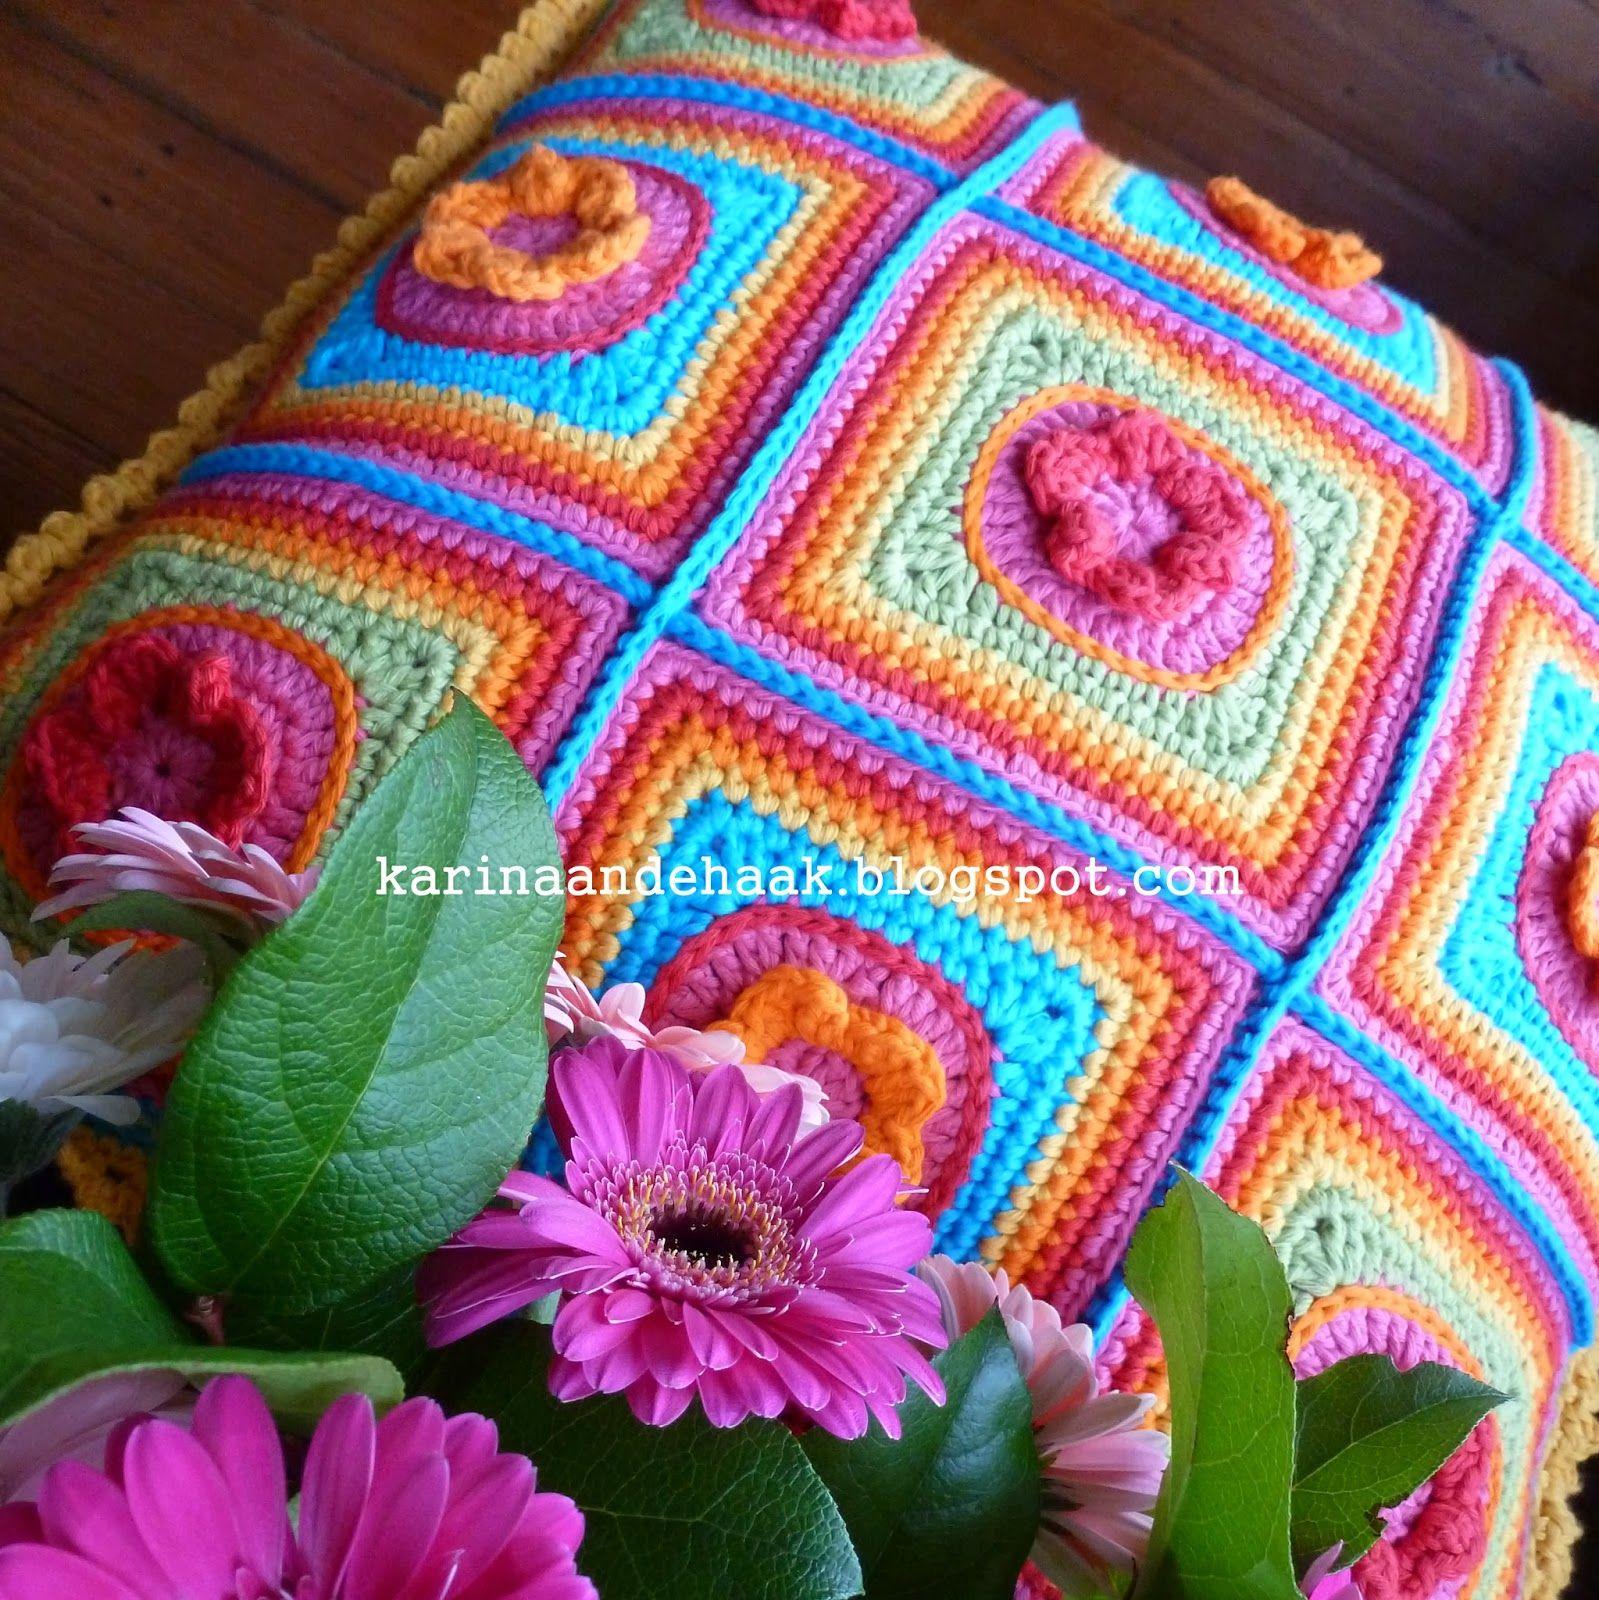 Karin Aan De Haak Superzoet Regenboog Bloemen Kussen Patroon In